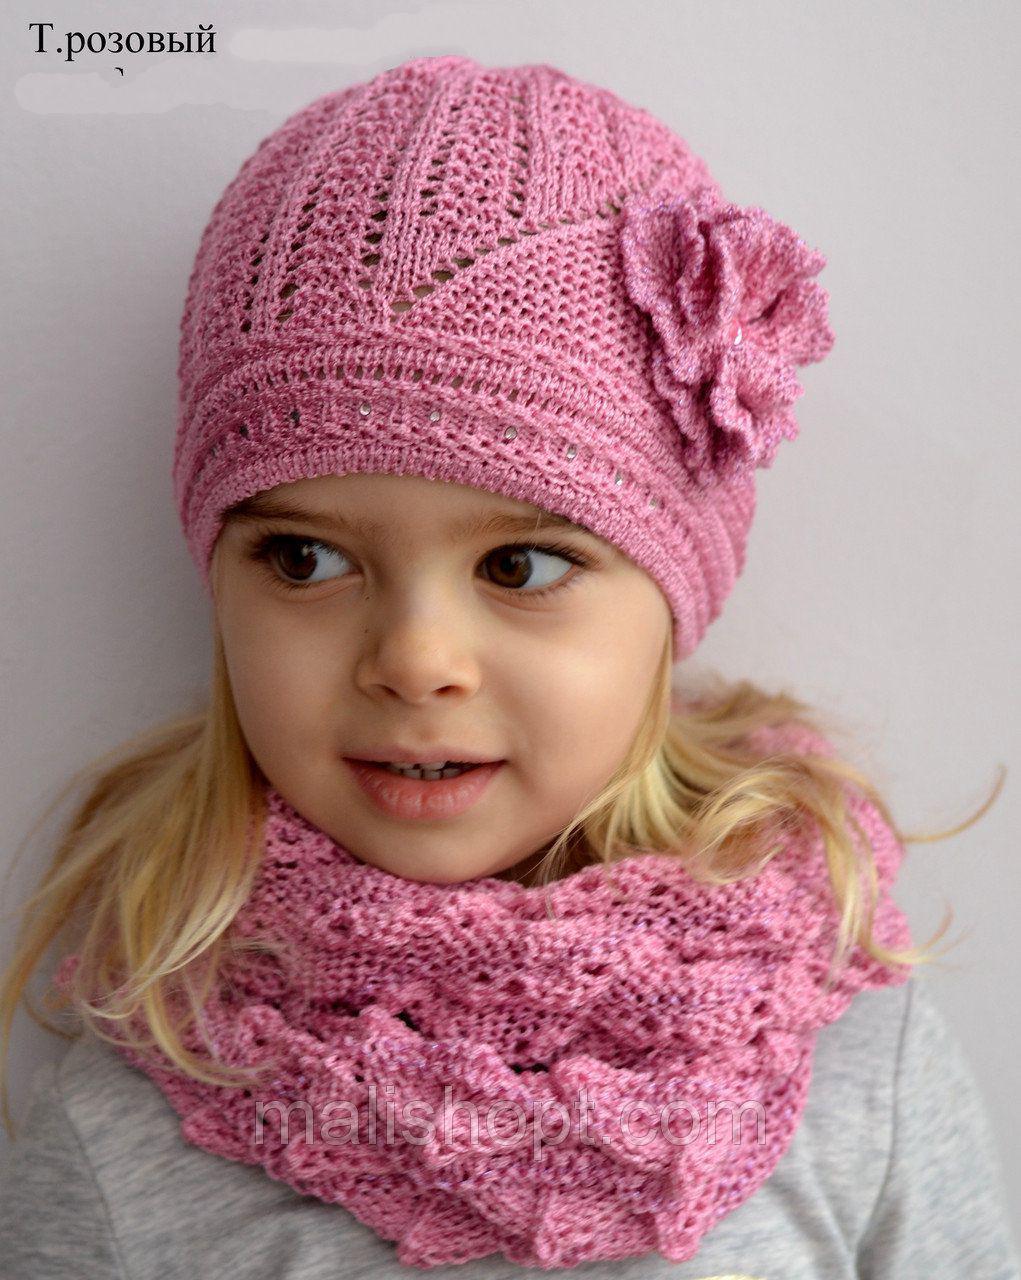 Тонкая детская шапочка для девочек от 2 до 7 лет молочного цвета